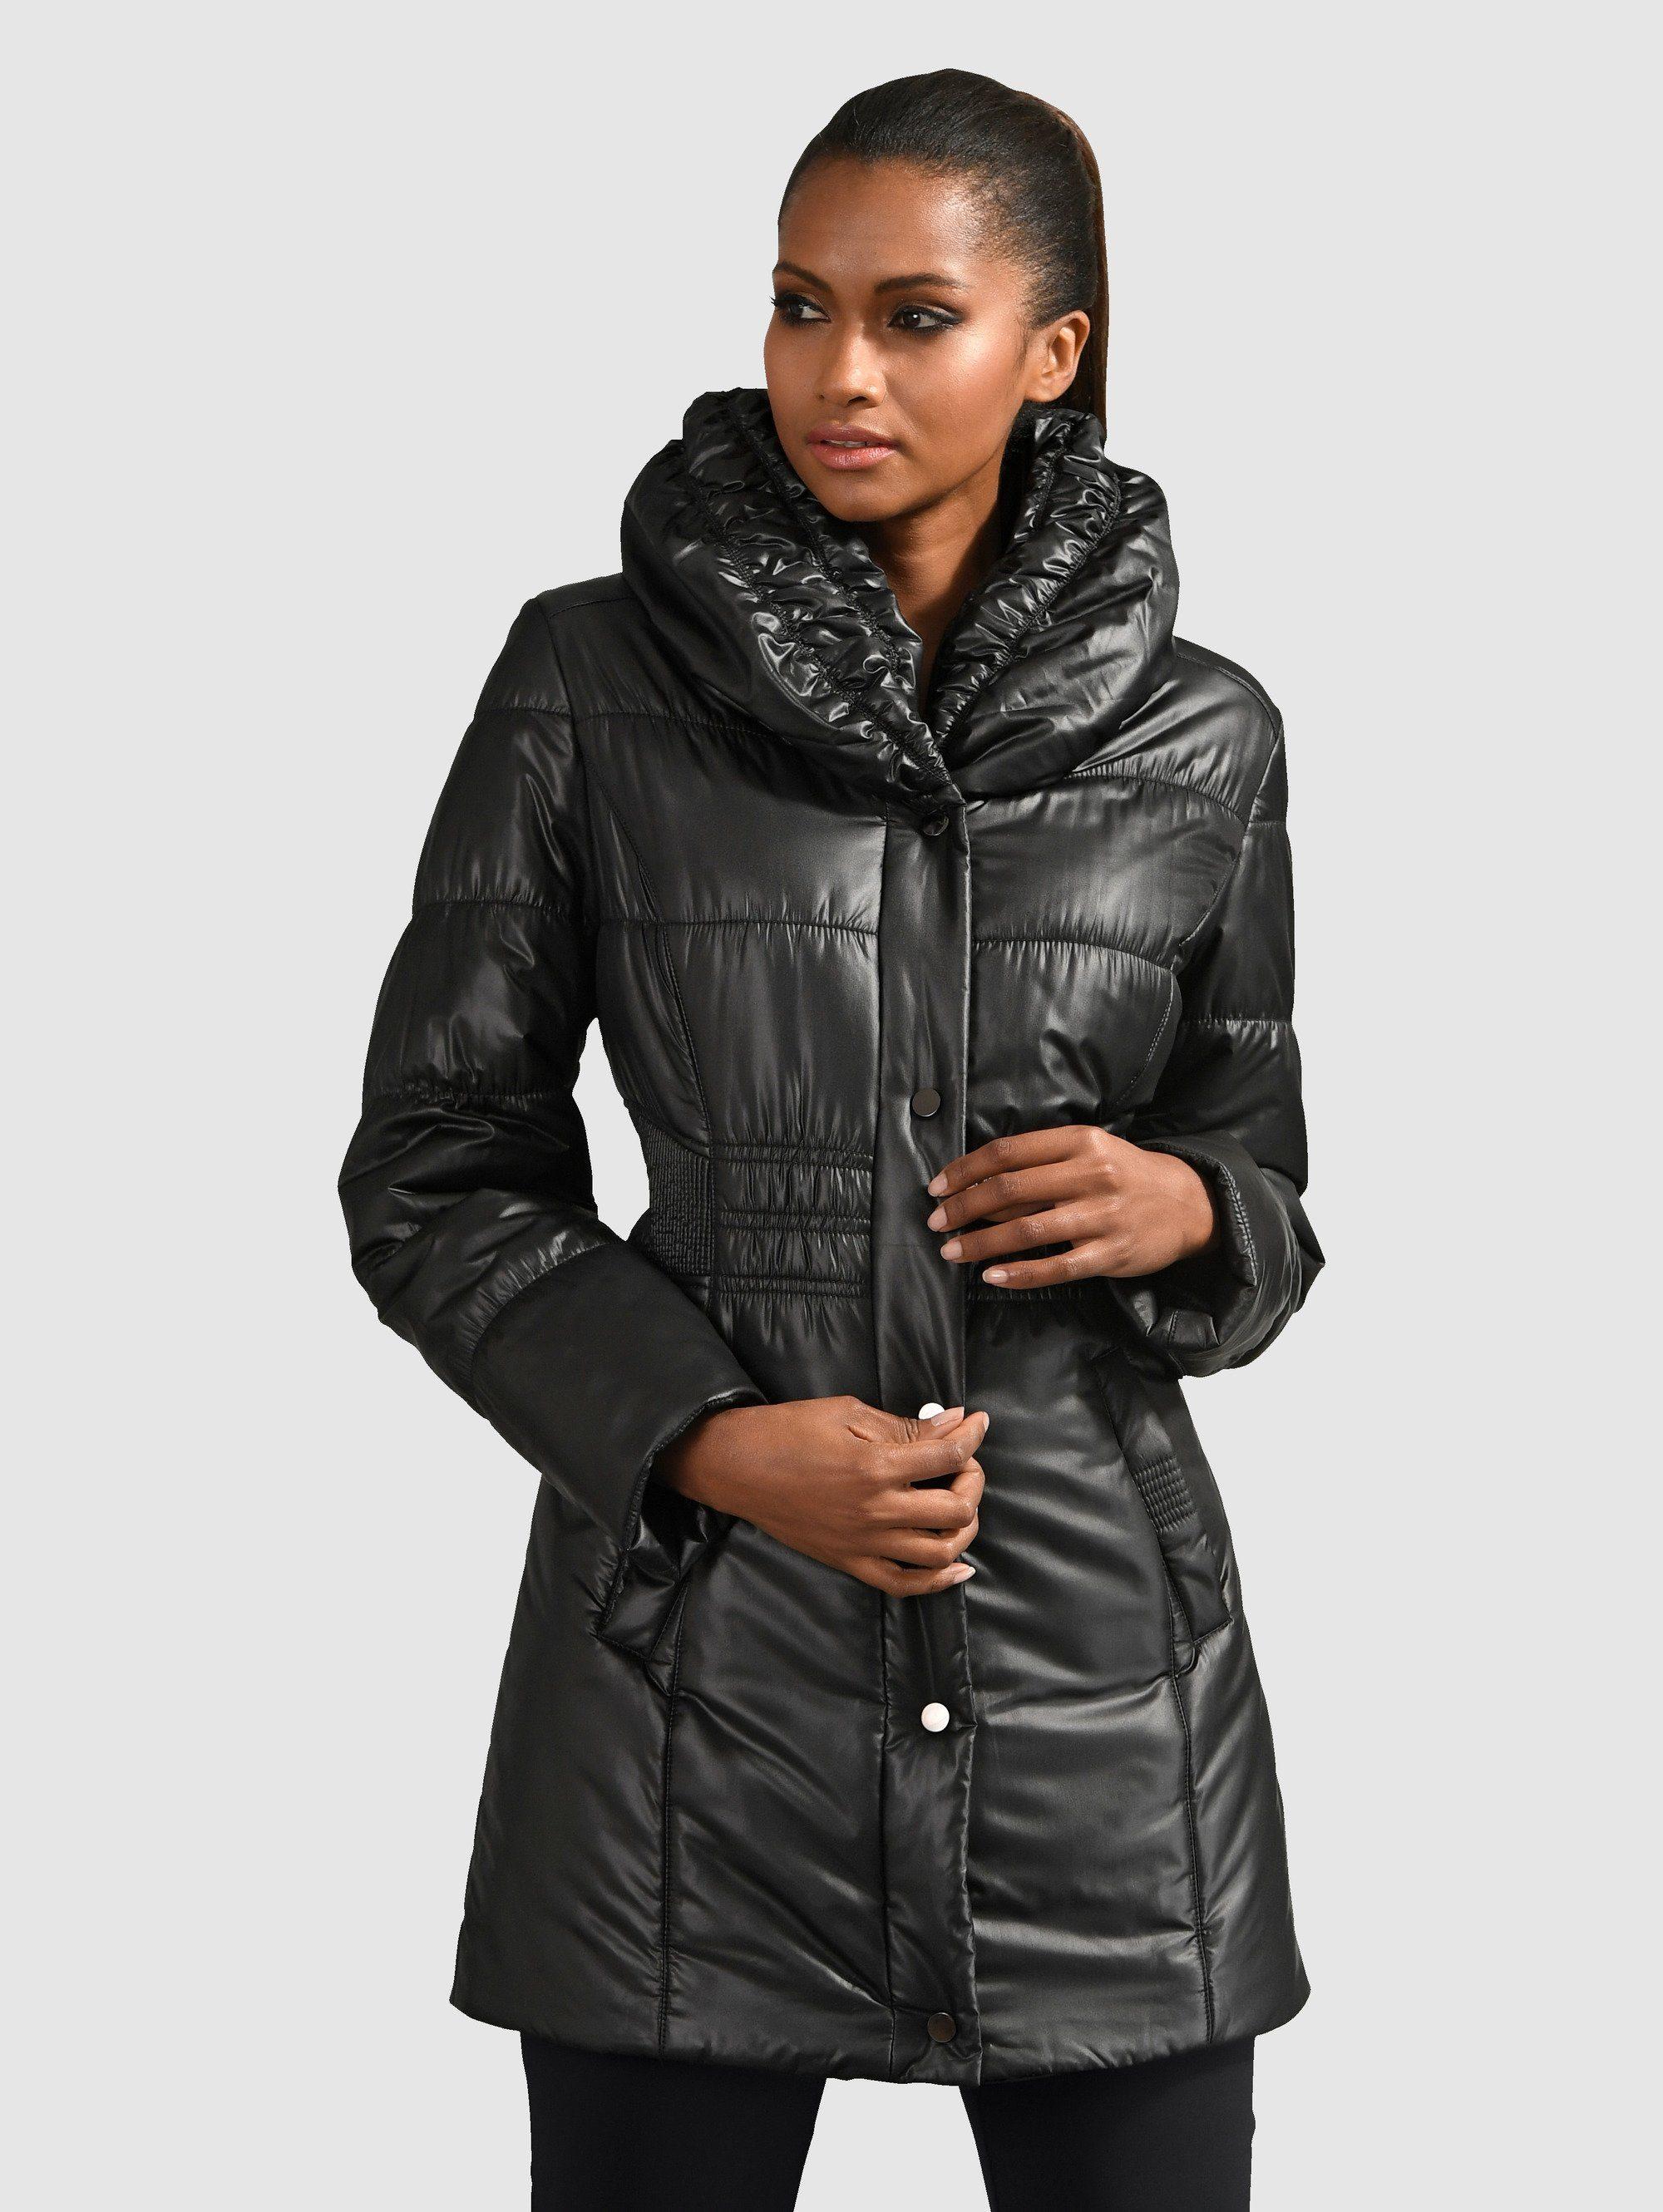 Alba Moda Jacke mit dezentem Glanz, Steppjacke mit eleganten Smoke Details online kaufen | OTTO